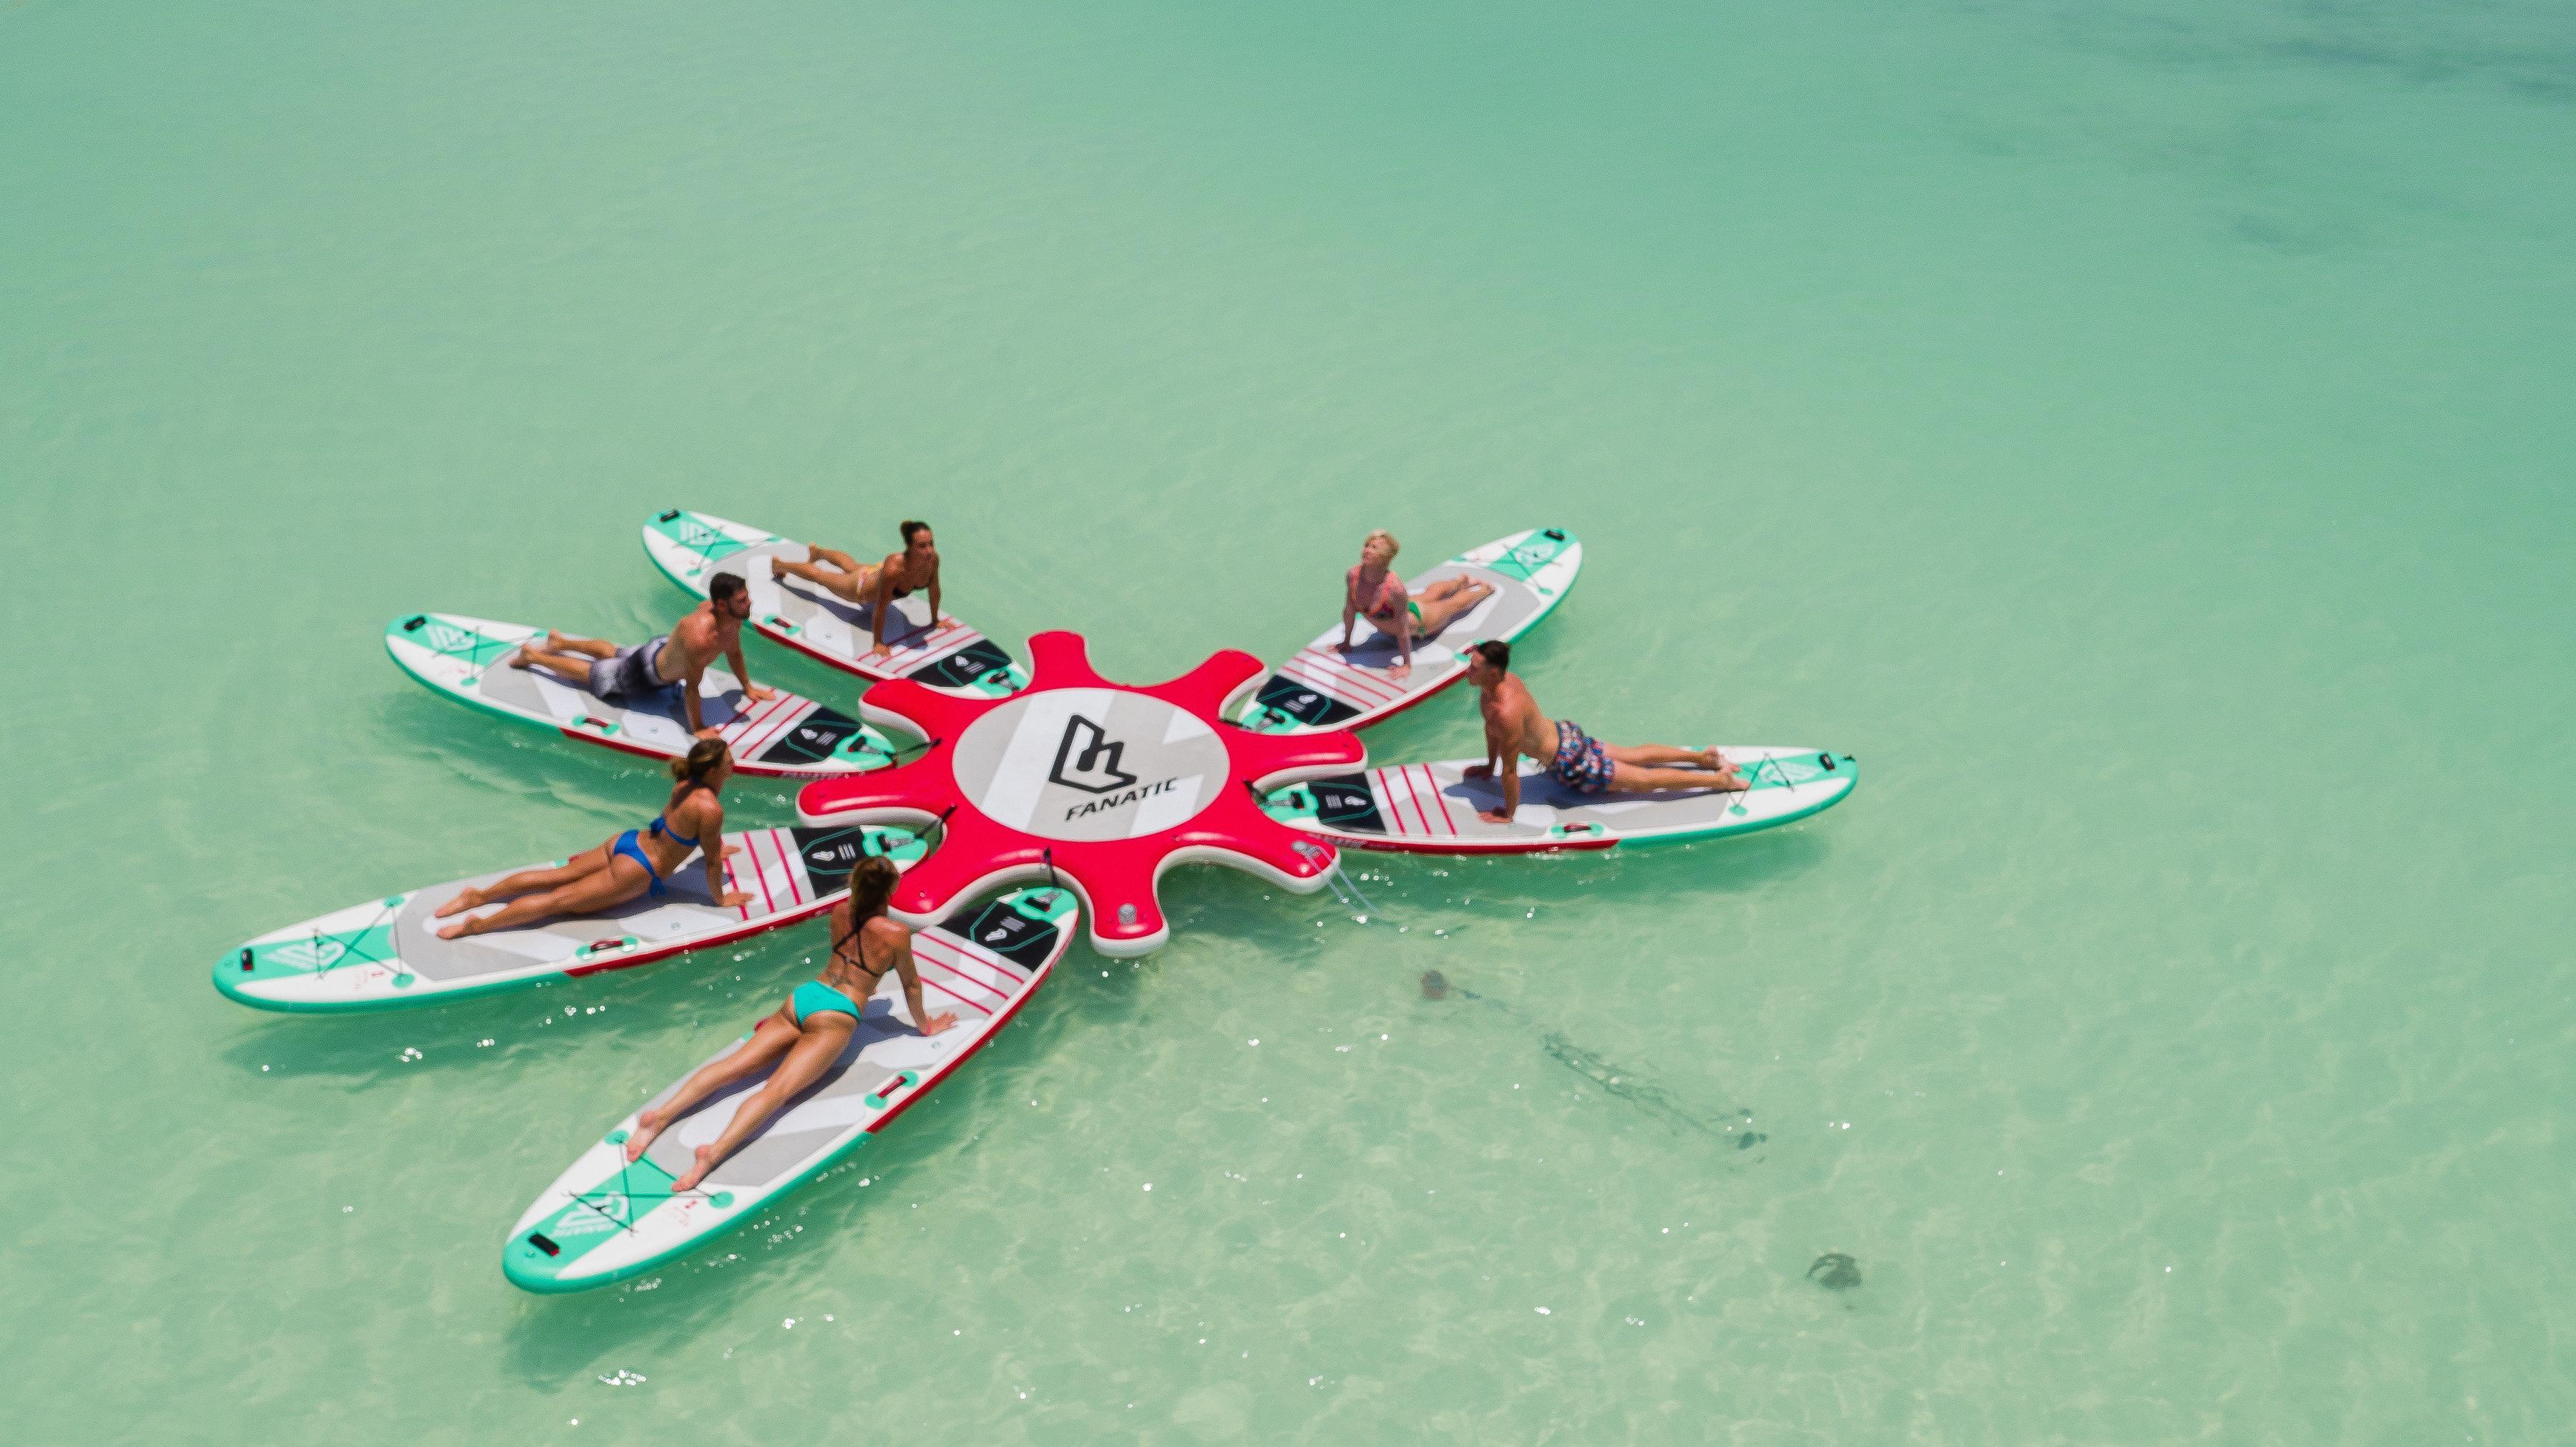 Despedida de solteira: Aruba oferece opção divertida e paradisíaca